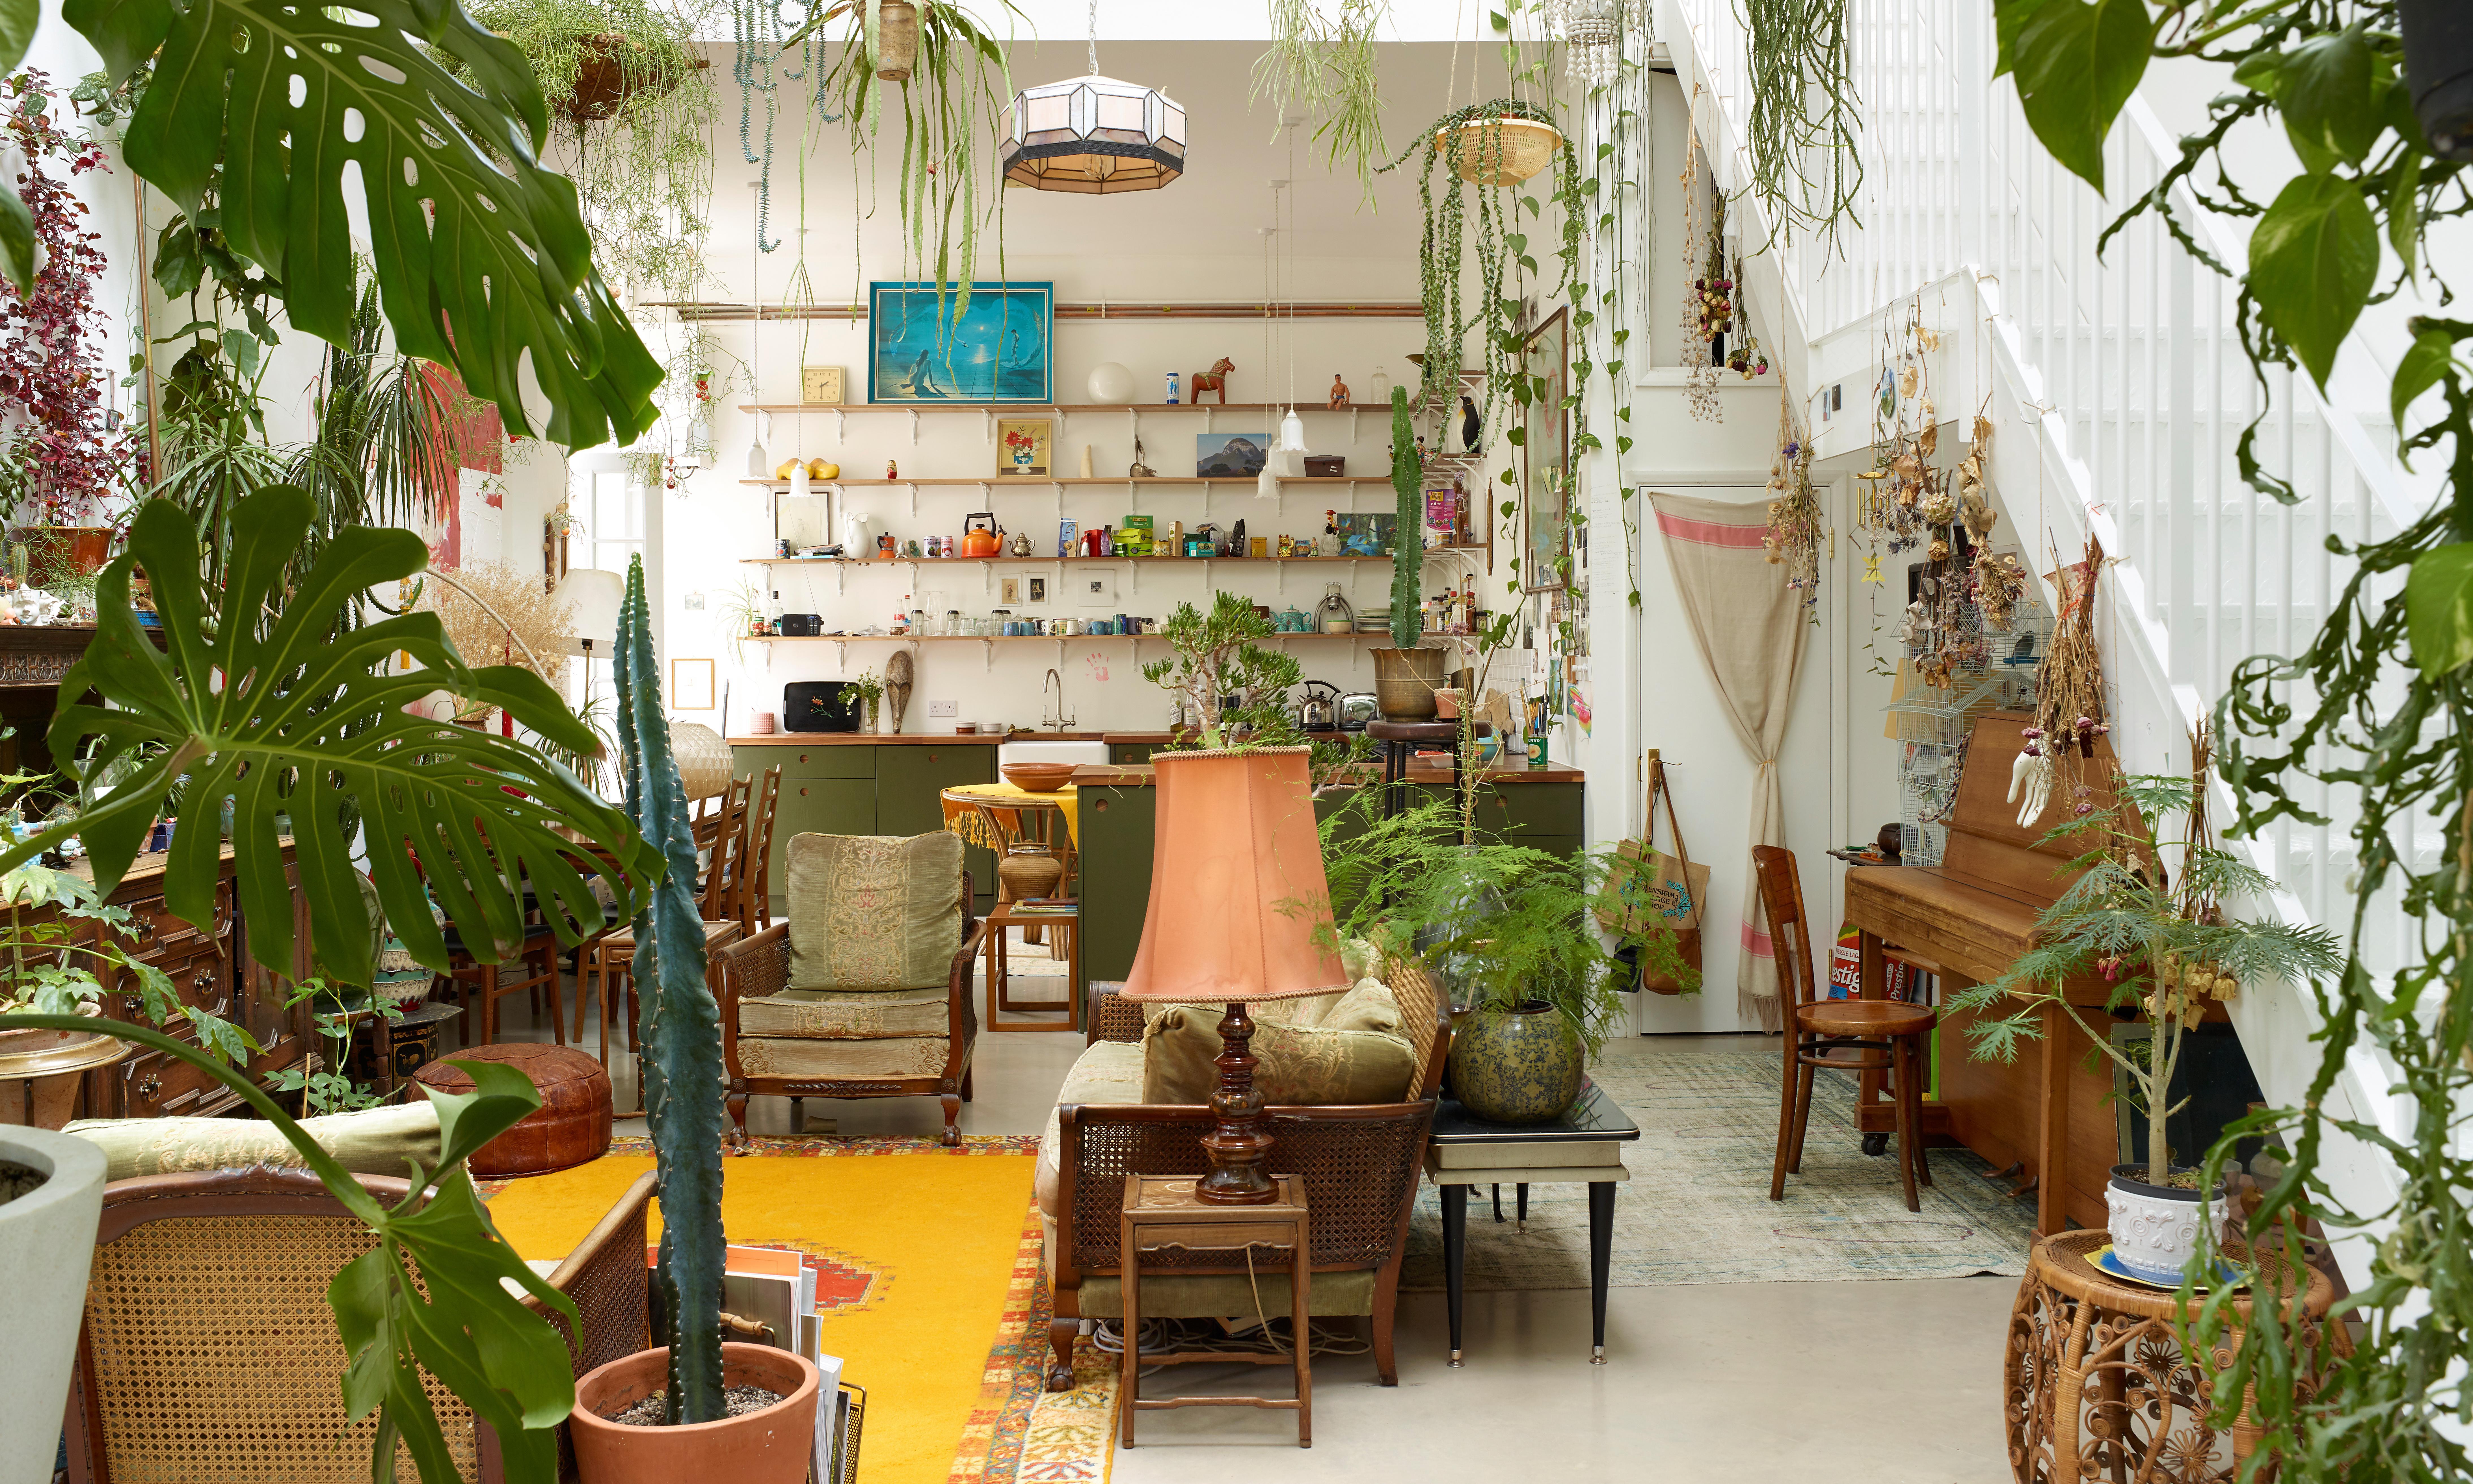 My concrete jungle home in London